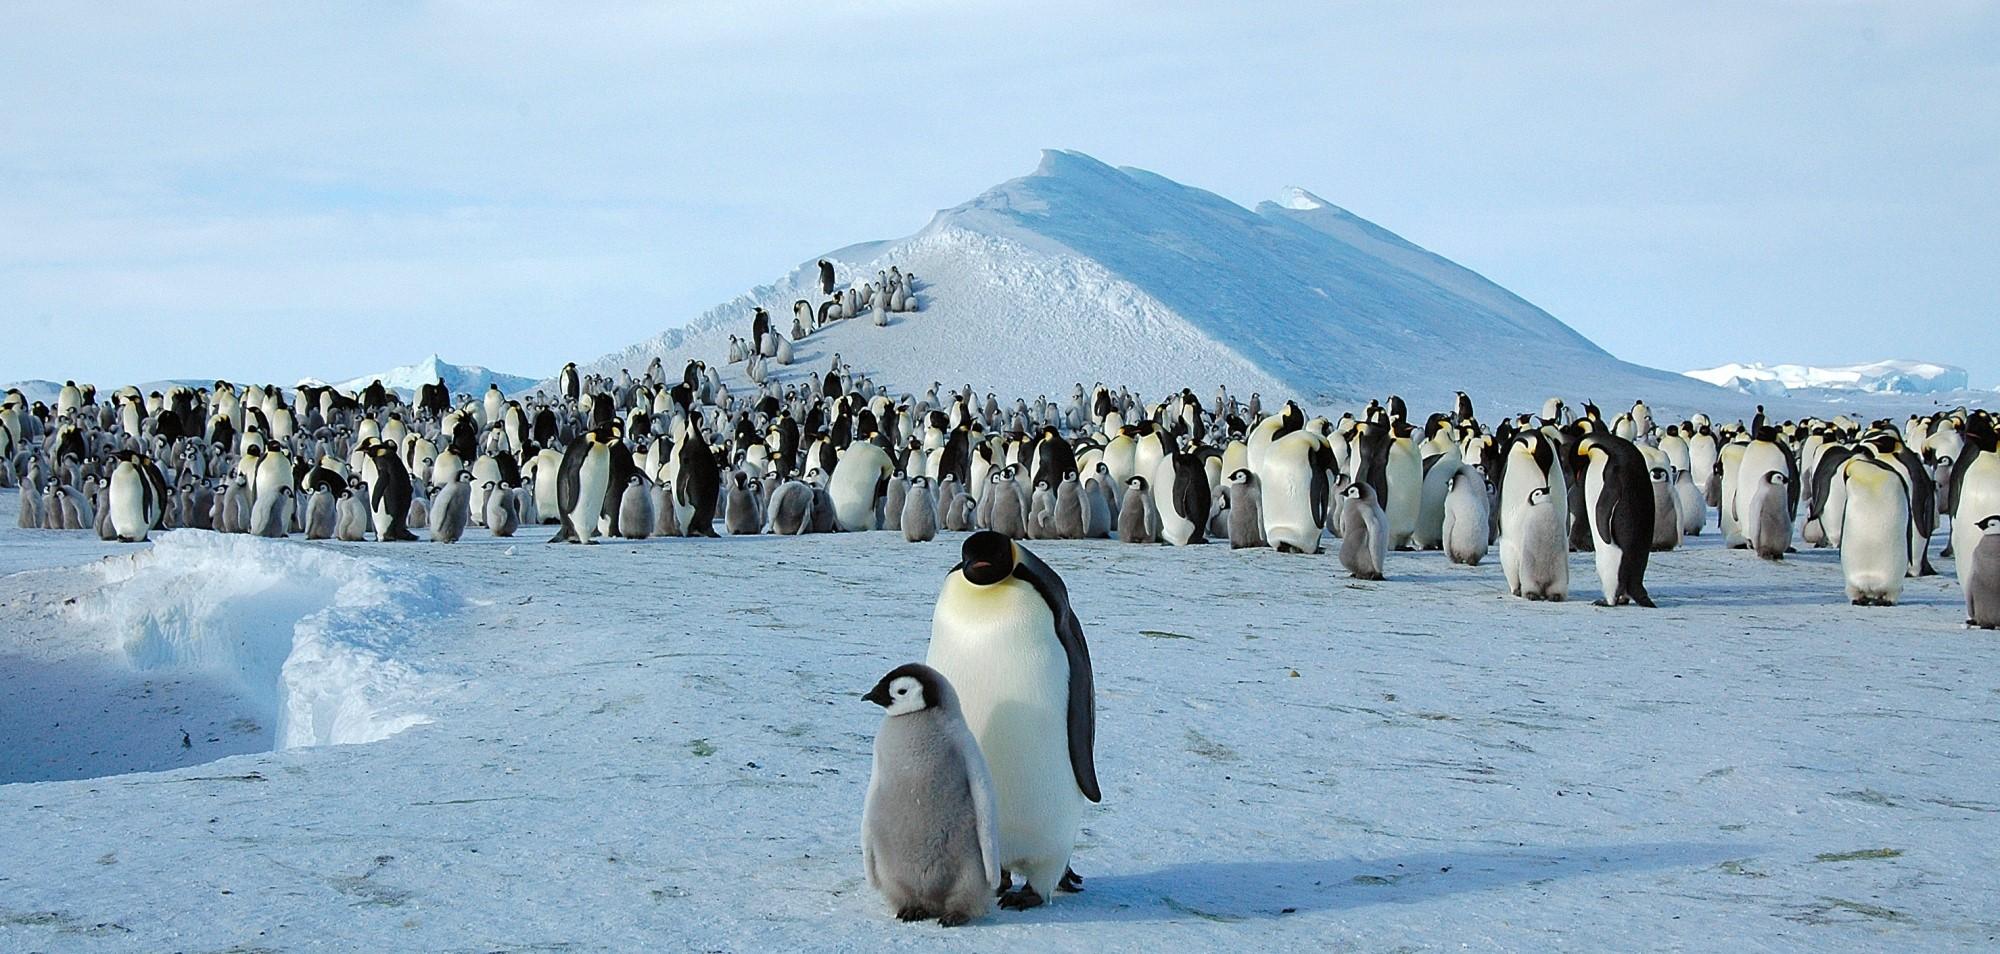 Keiserpingvinenelever i Antarktis og er avhengige av stabil havis for å kunne hekke. Foto: Wikimedia Commons/D. Luyten